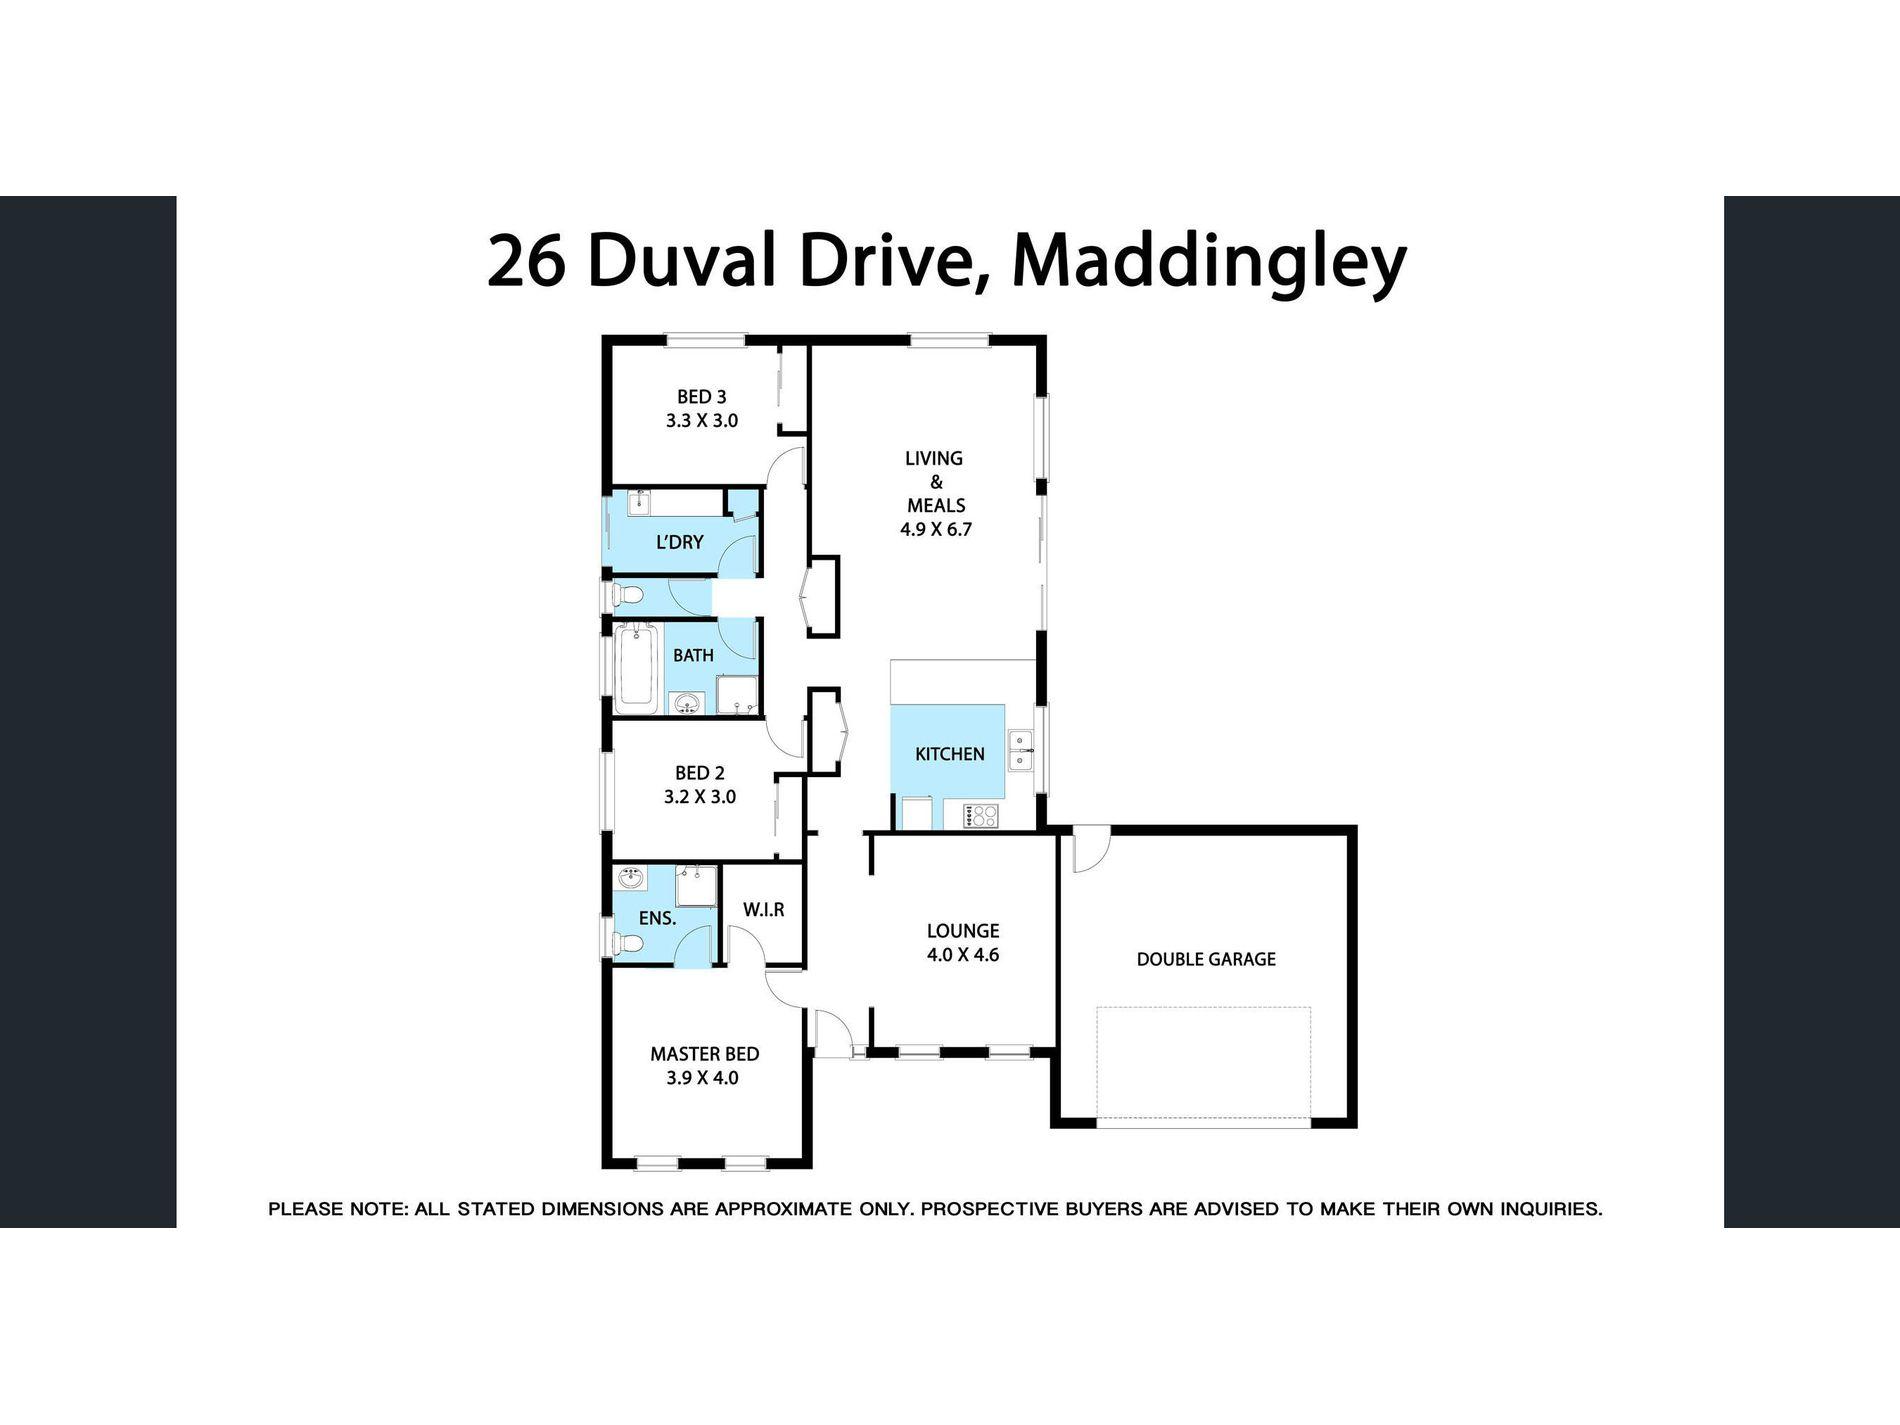 26 Duval Drive, Maddingley